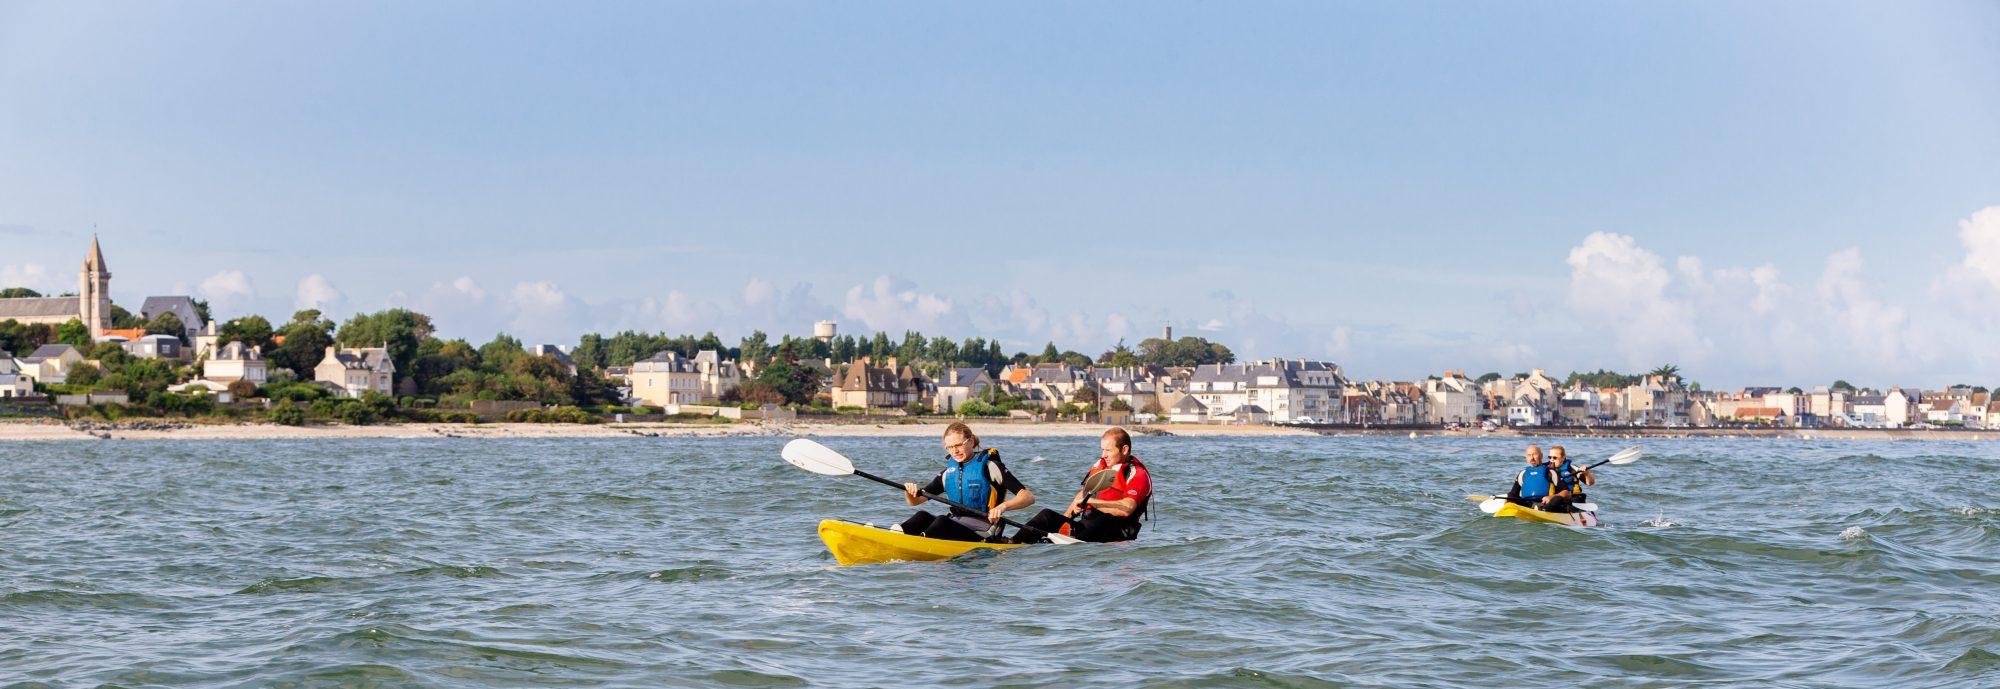 Sortie kayak de mer vers la Pointe du Hoc, Calvados